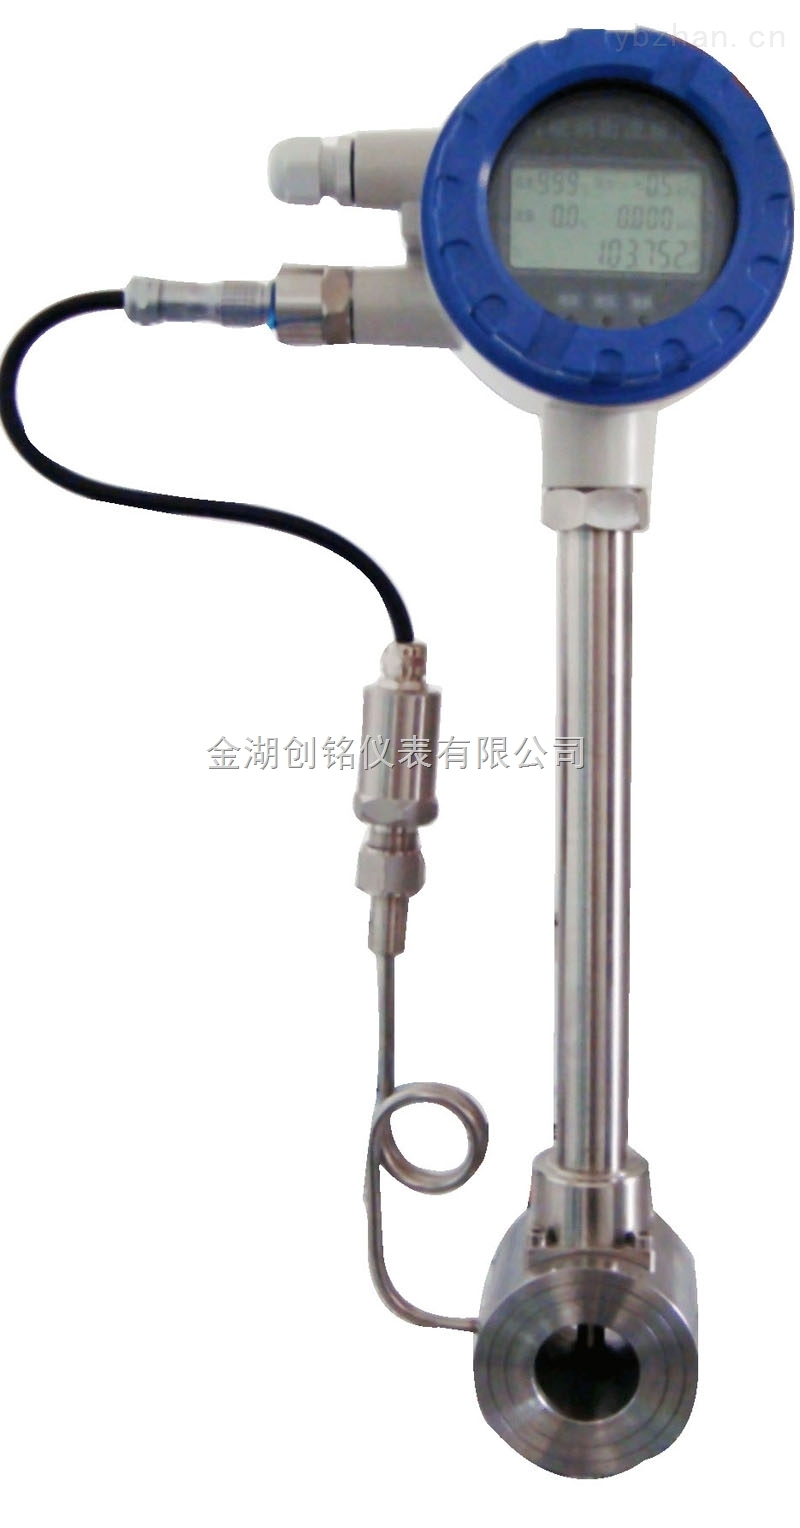 CM-LUGB-管道煙氣流量計廠家